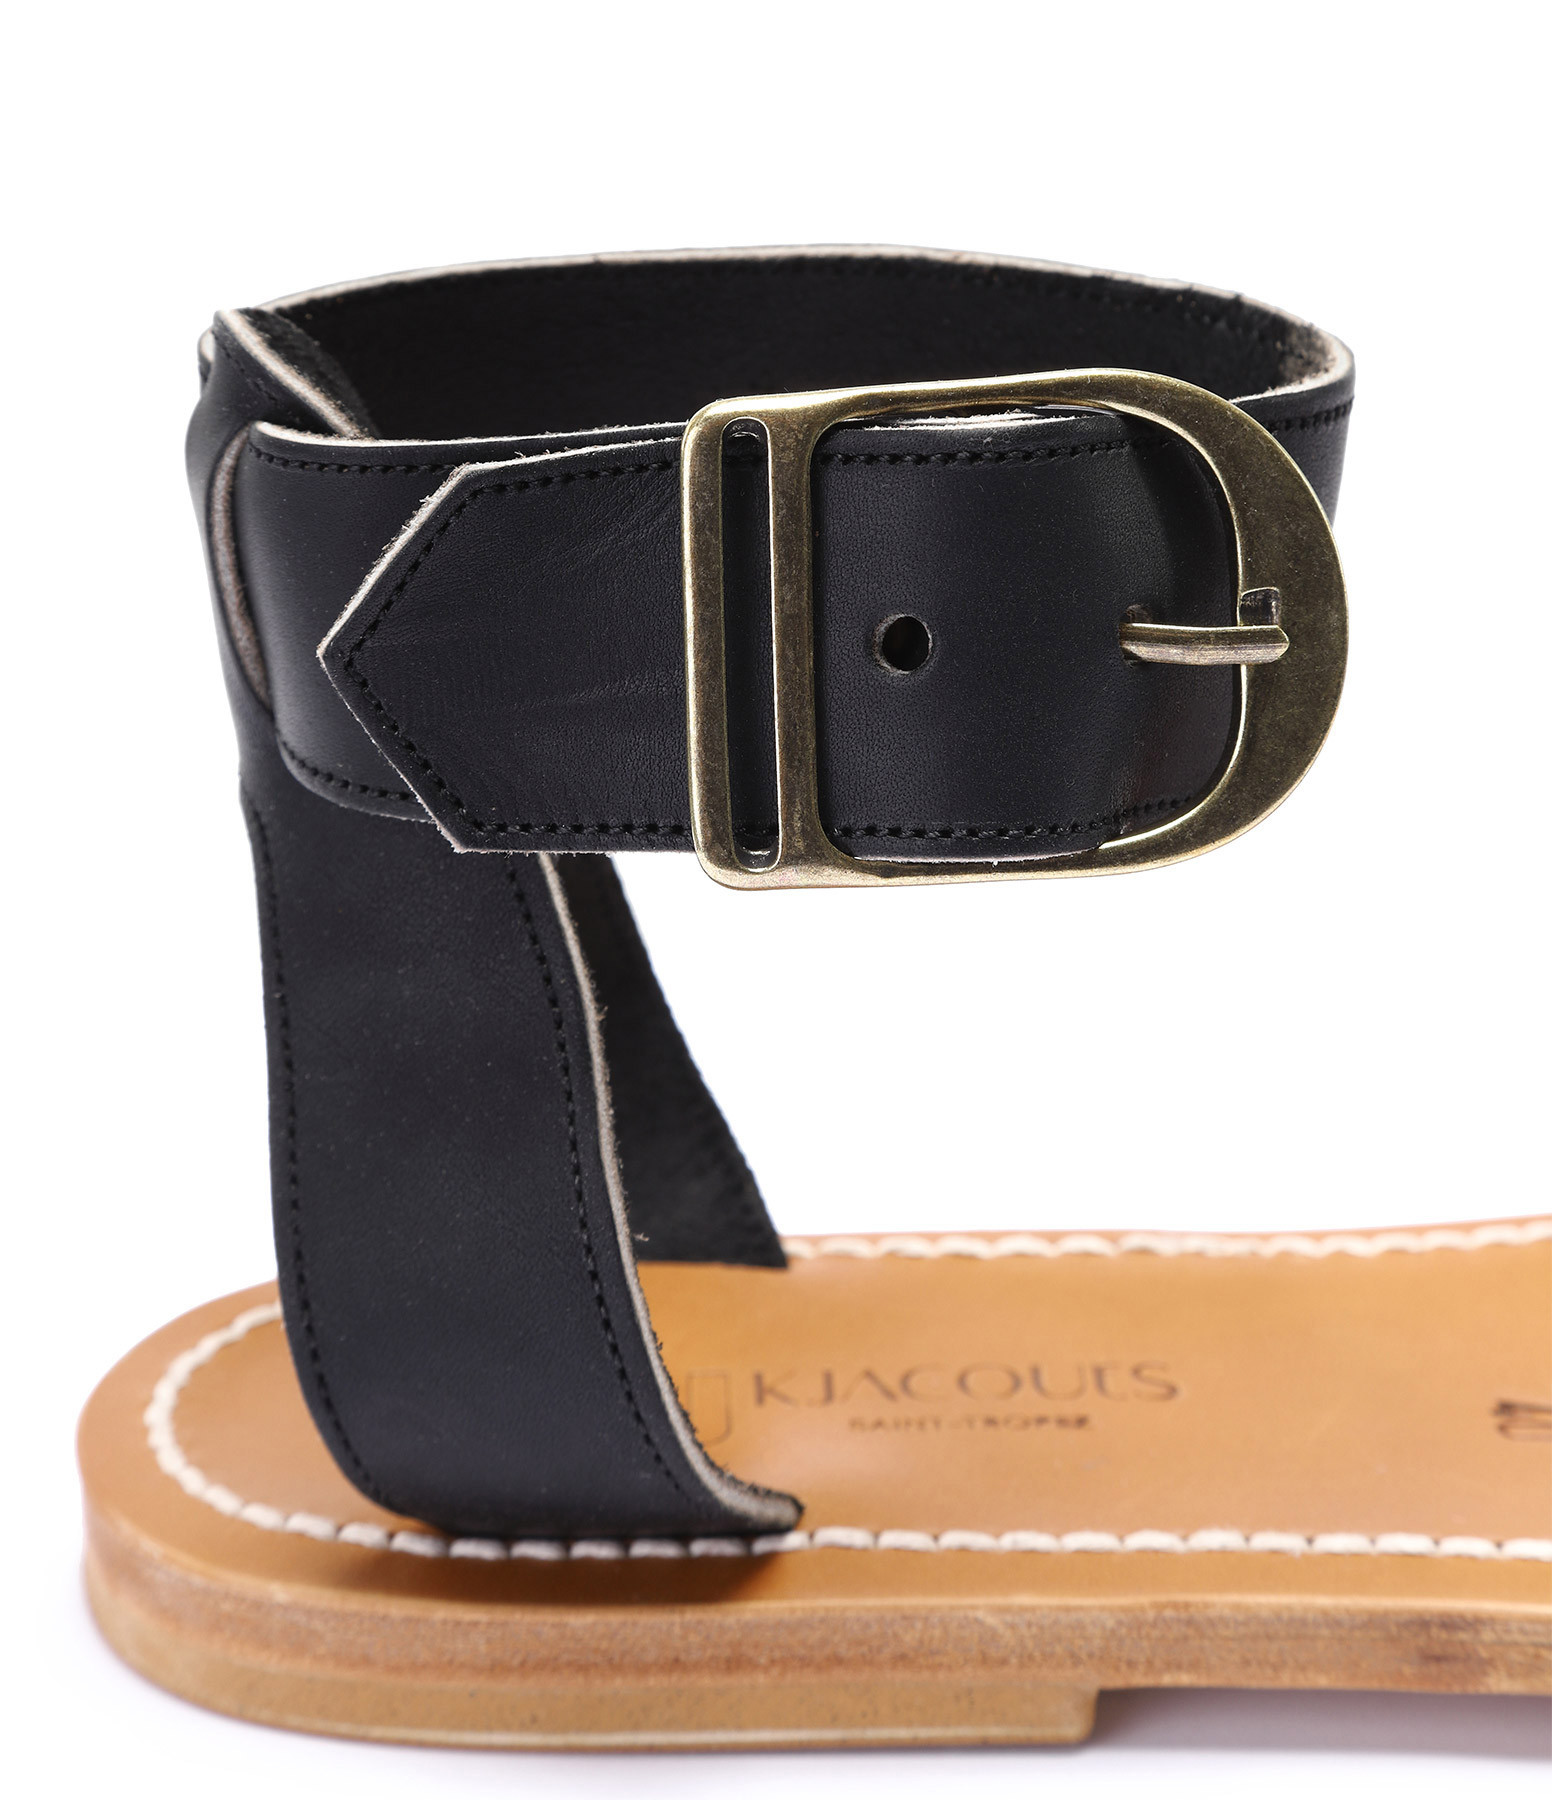 K JACQUES - Sandales Carbet Cuir Pul Noir Bronze